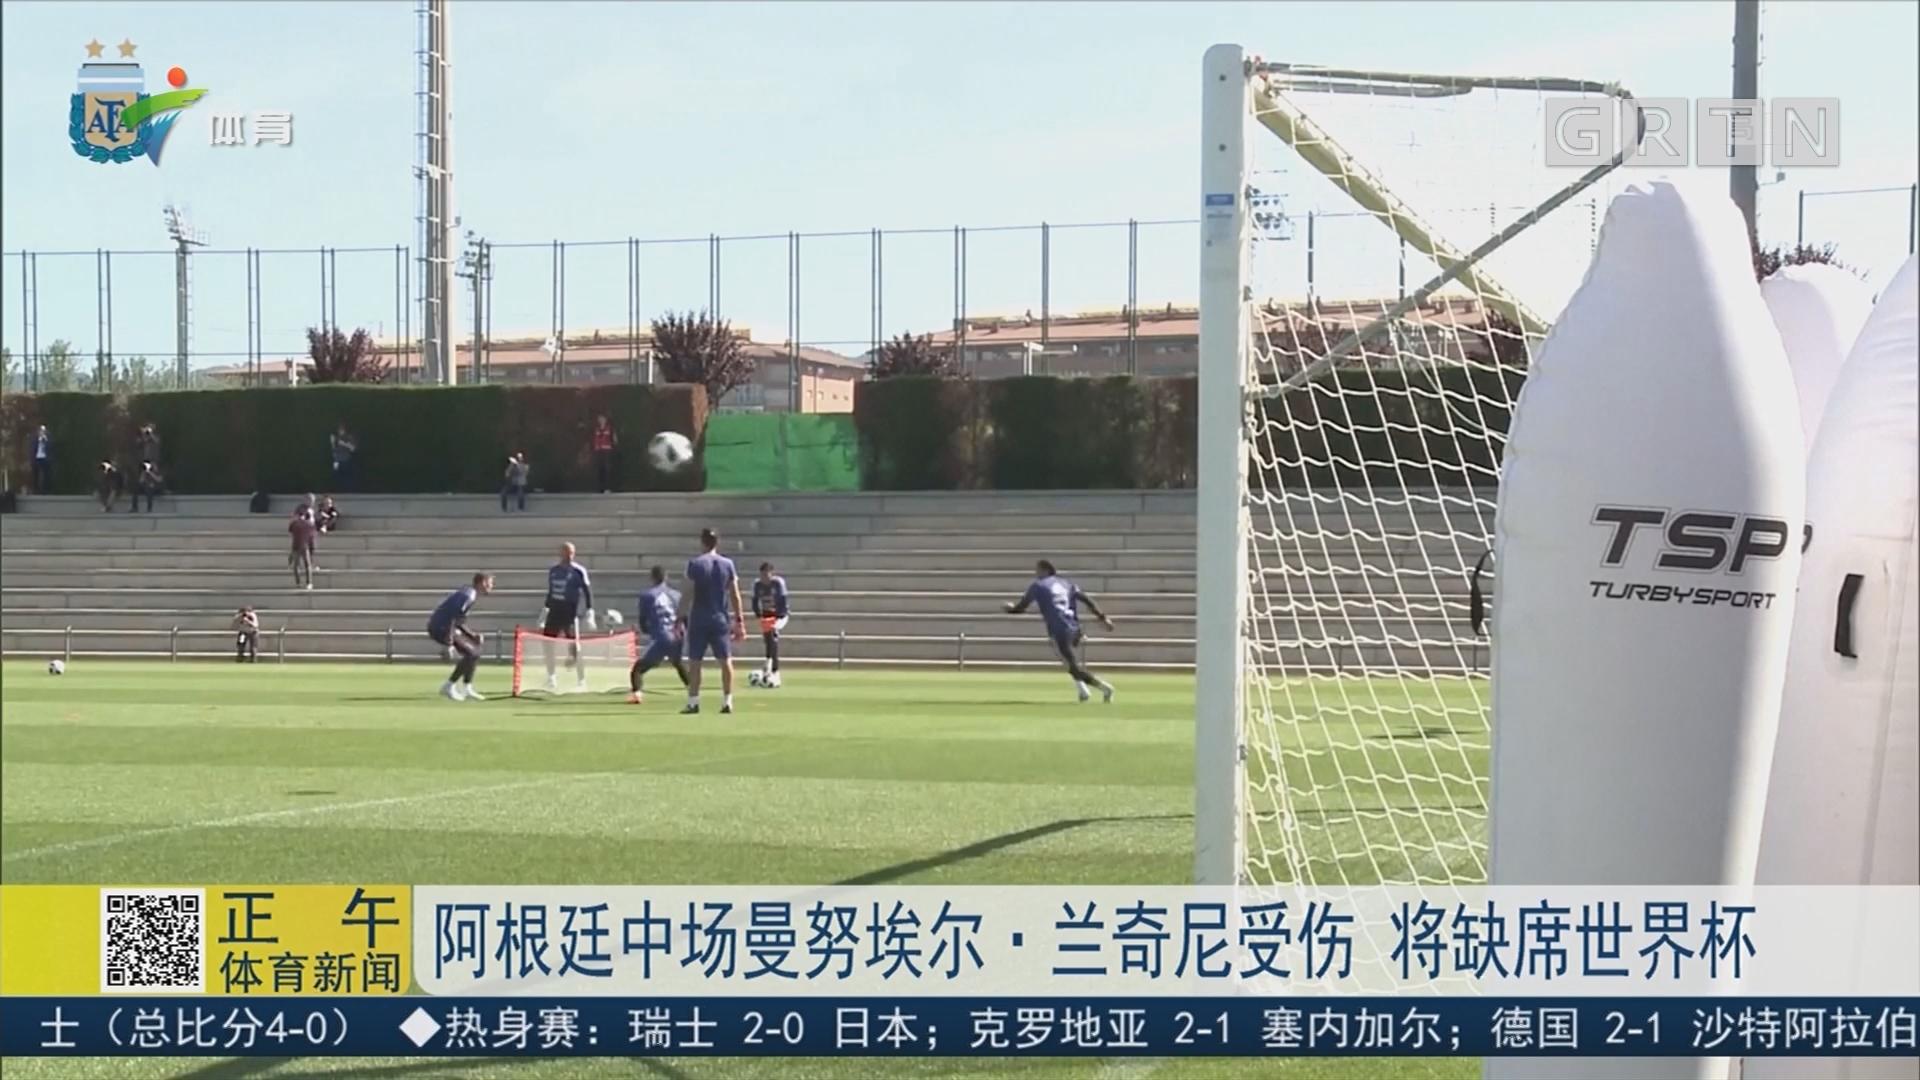 阿根廷中场曼努埃尔·兰奇尼受伤 将缺席世界杯